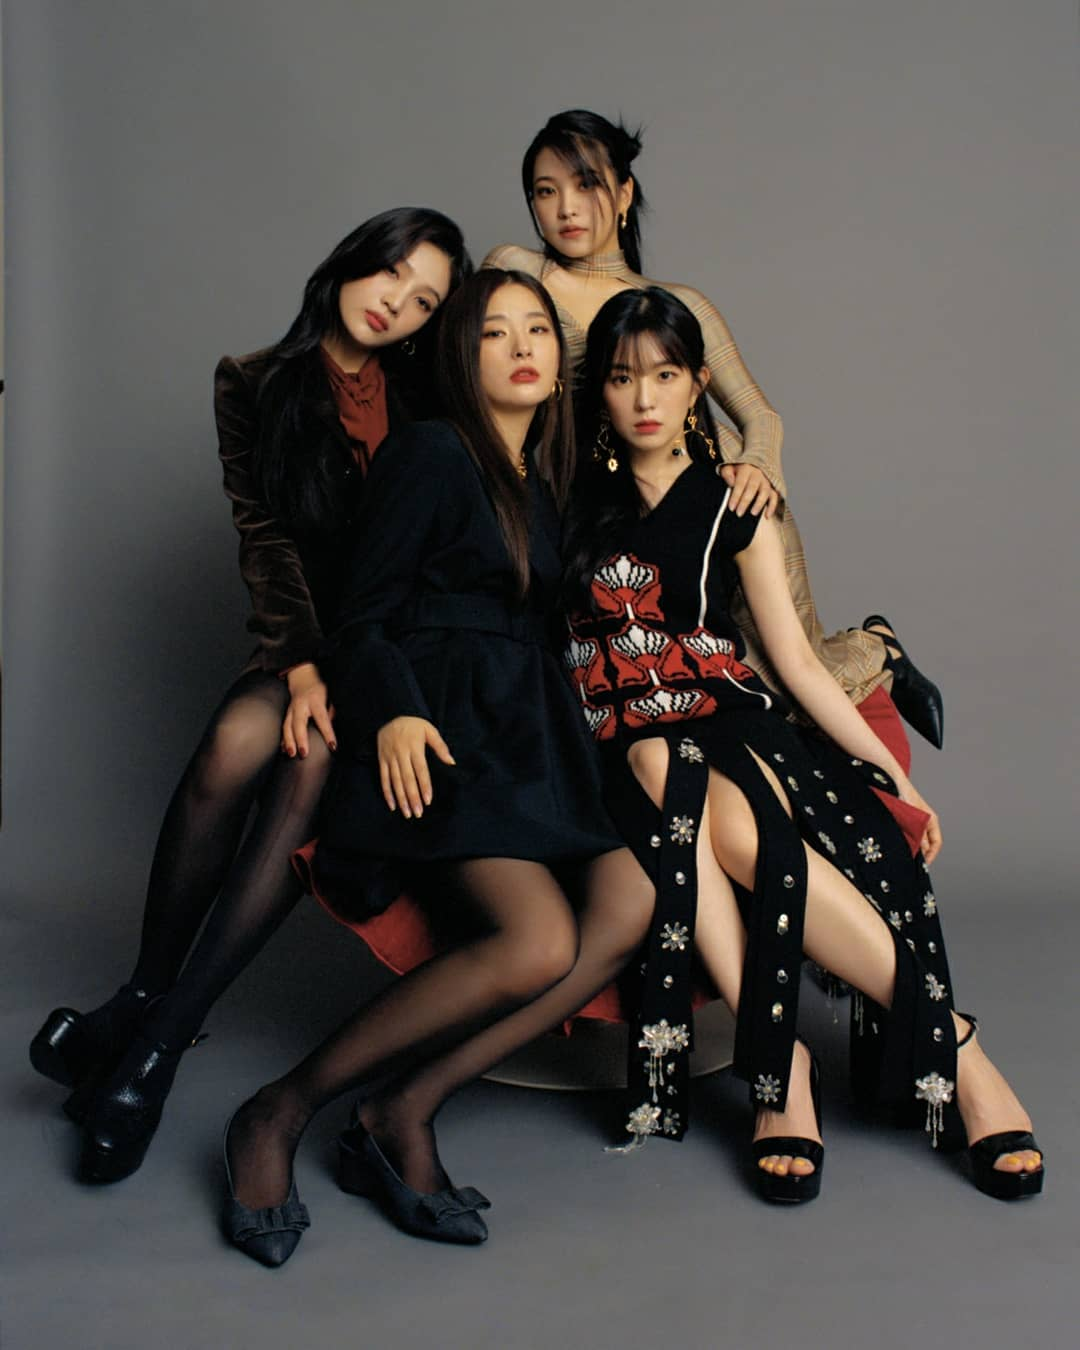 Chuẩn bị comeback, Red Velvet dát đầy hàng hiệu trên người, bất ngờ là thương hiệu trang phục của Irene - Ảnh 3.